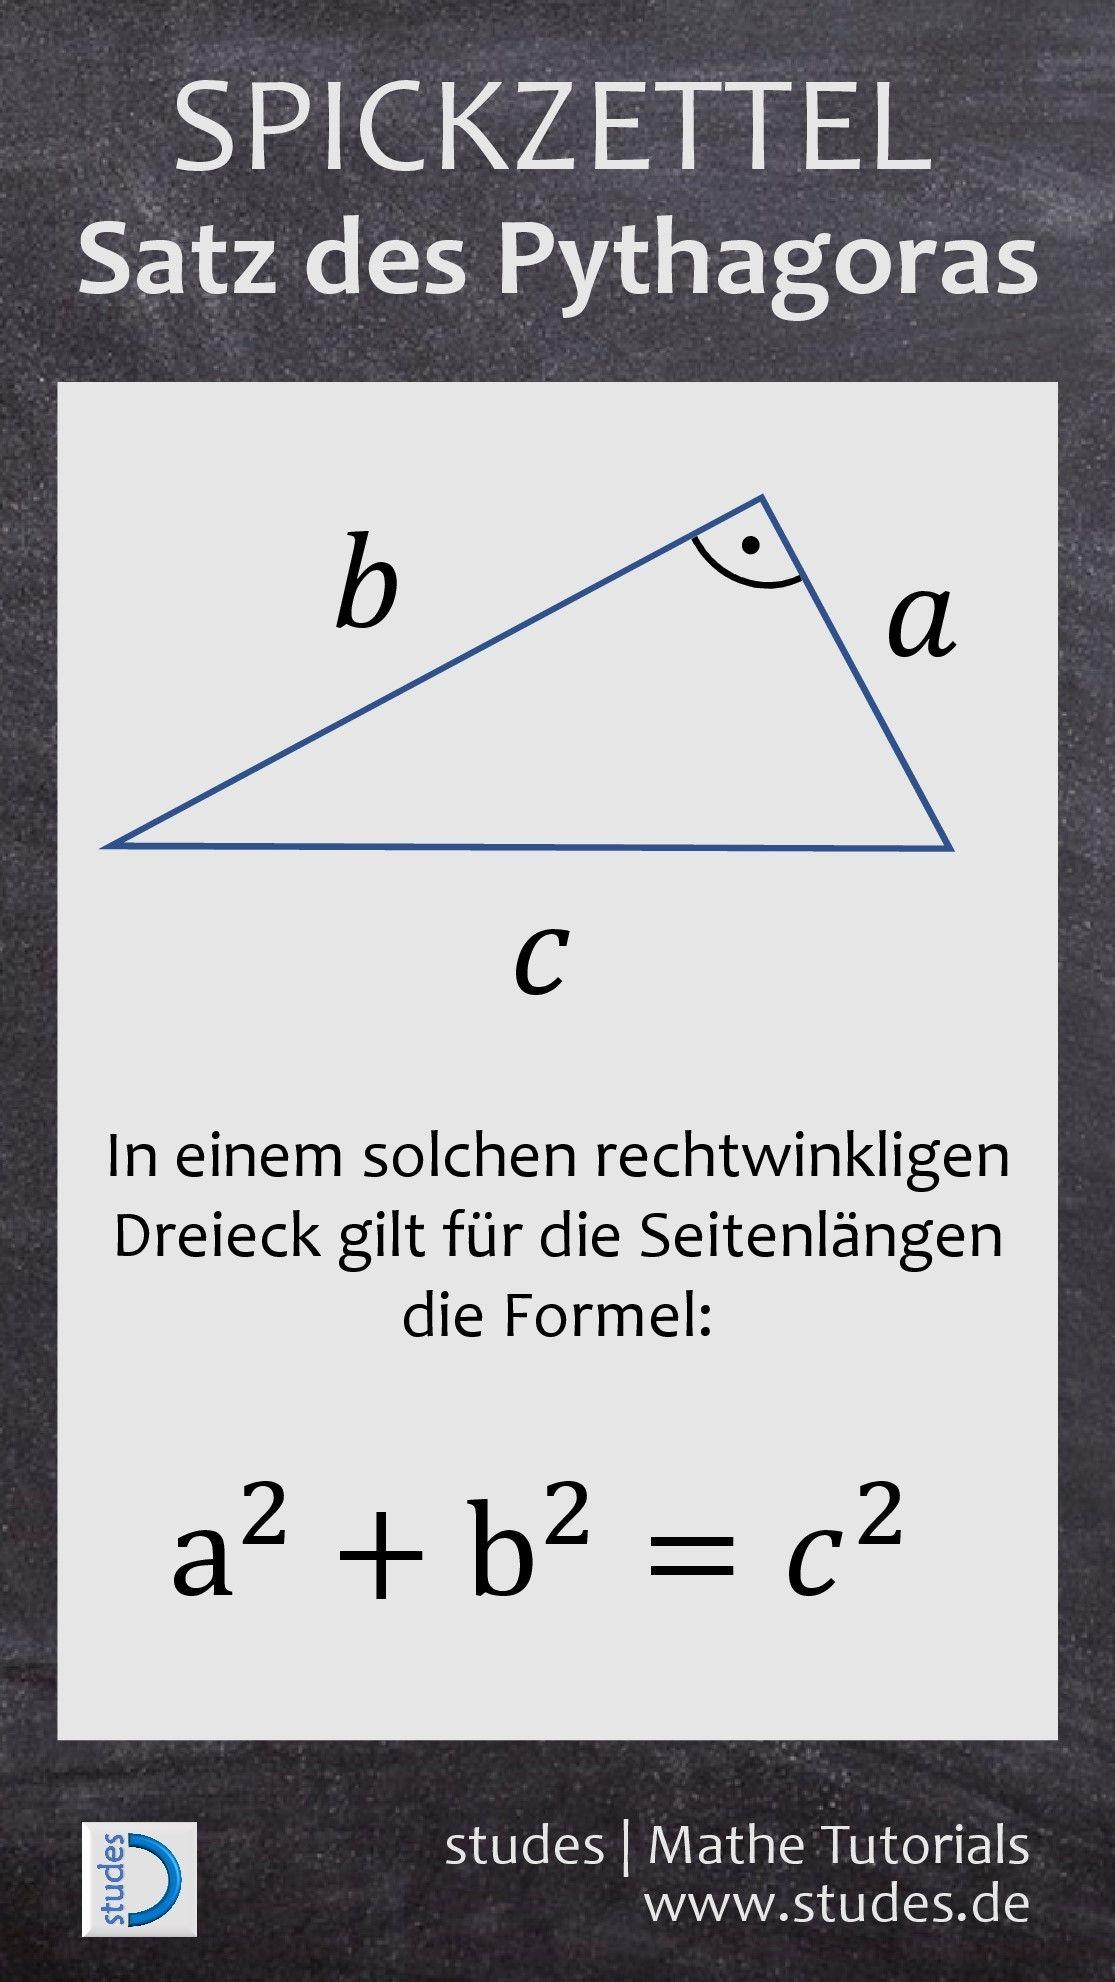 spickzettel studes wiskunde mathe tricks mathe abitur und satz des pythagoras. Black Bedroom Furniture Sets. Home Design Ideas